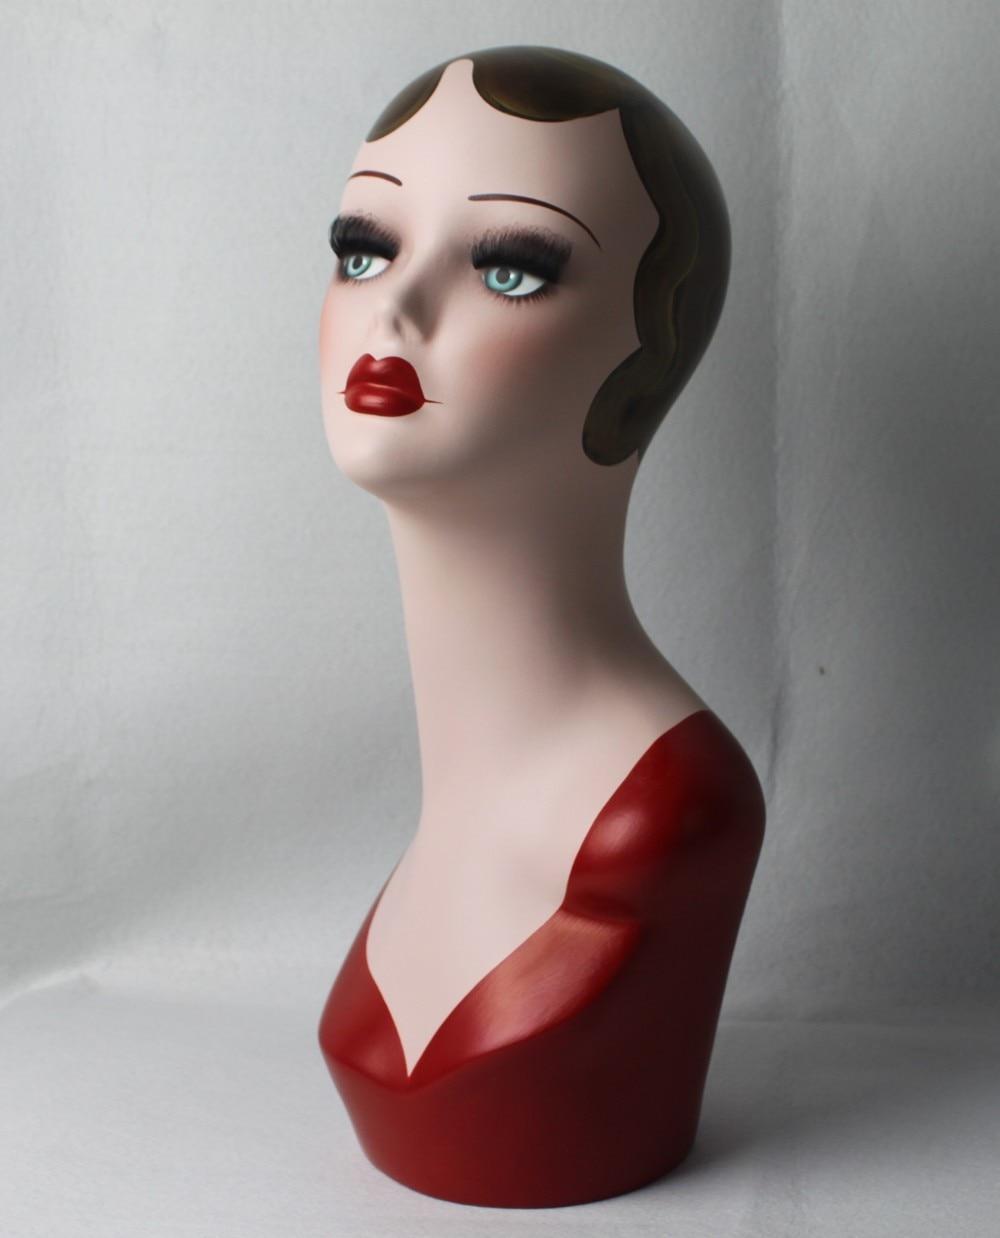 Hoge Kwaliteit Glasvezel Vintage Vrouwelijke Mannequin Dummy Hoofd Hoed-in Modellen van Huis & Tuin op  Groep 1